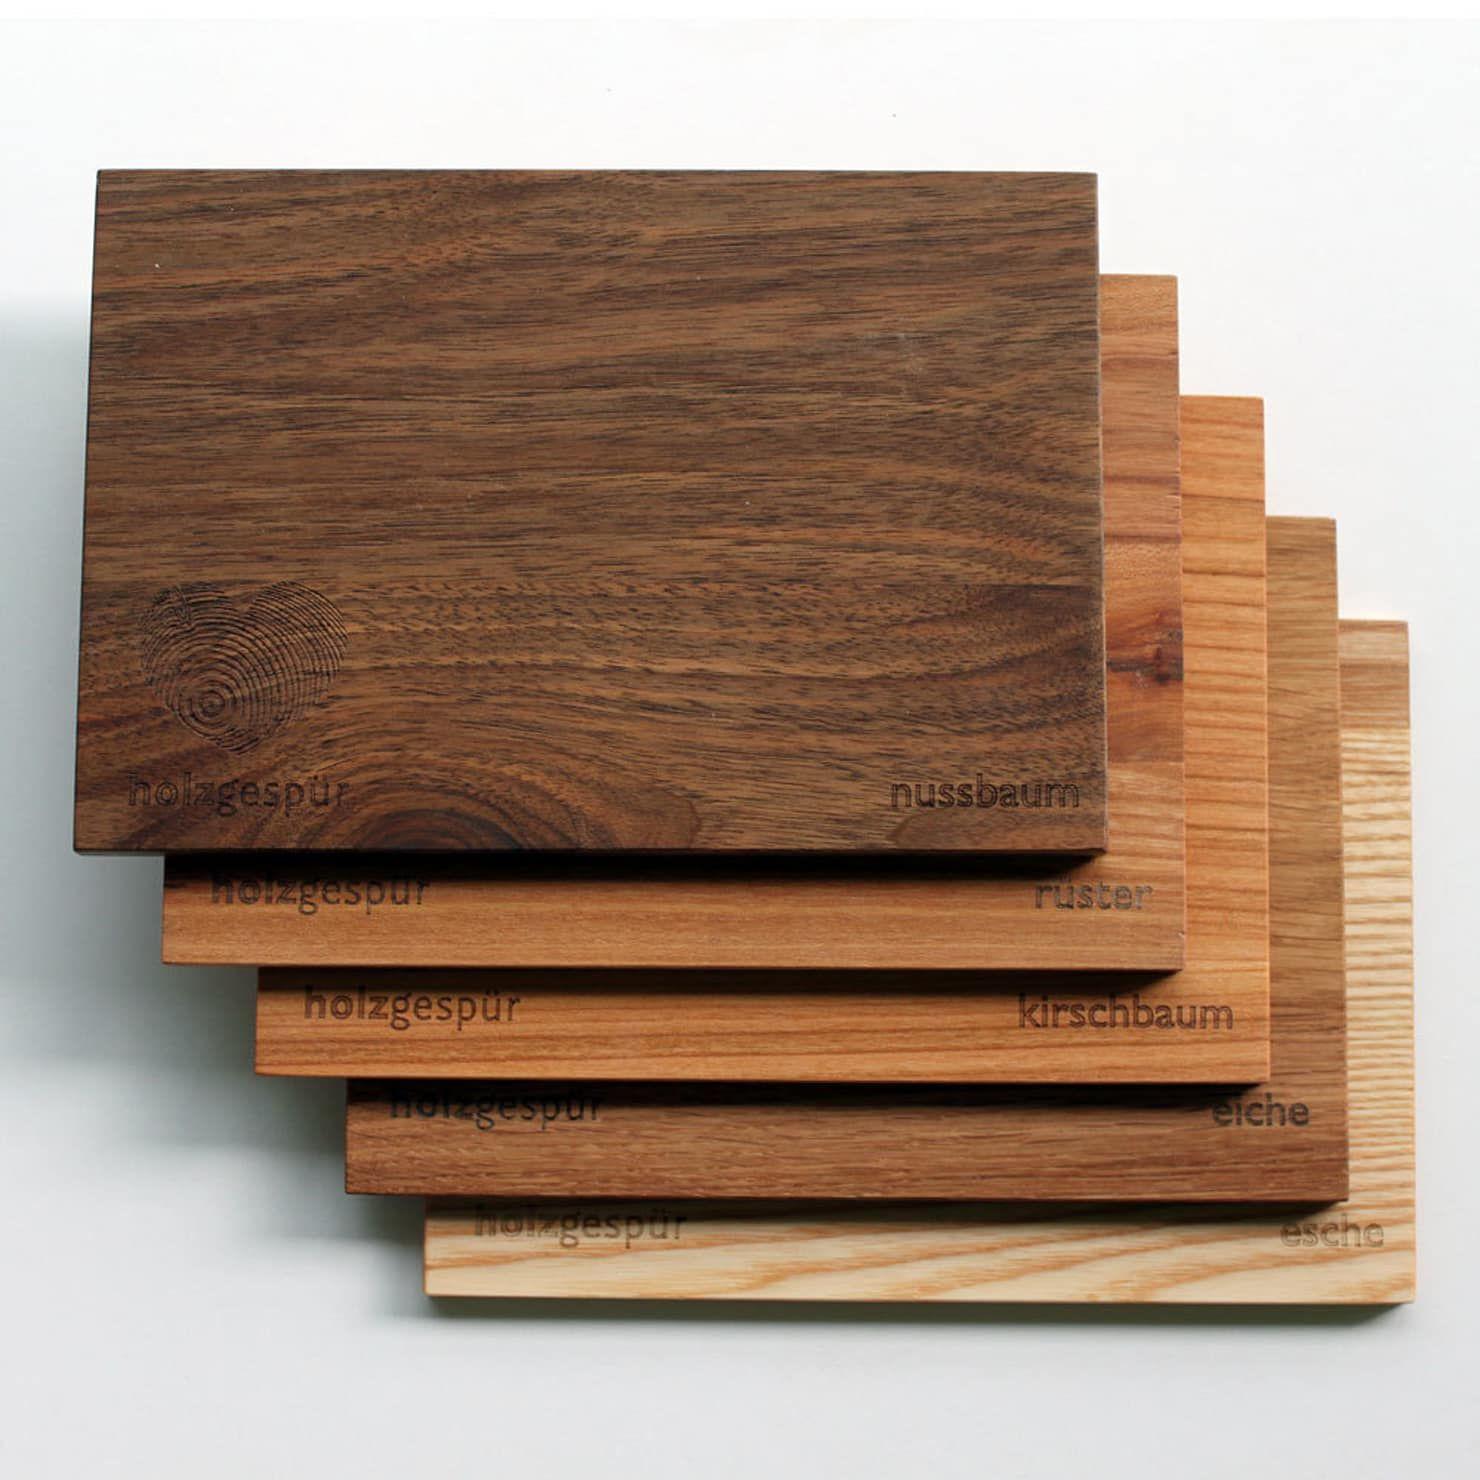 Holz Beizen Diese Arten Und Effekte Gibt Es Homify Homify Holz Muster Holzmuster Beizen